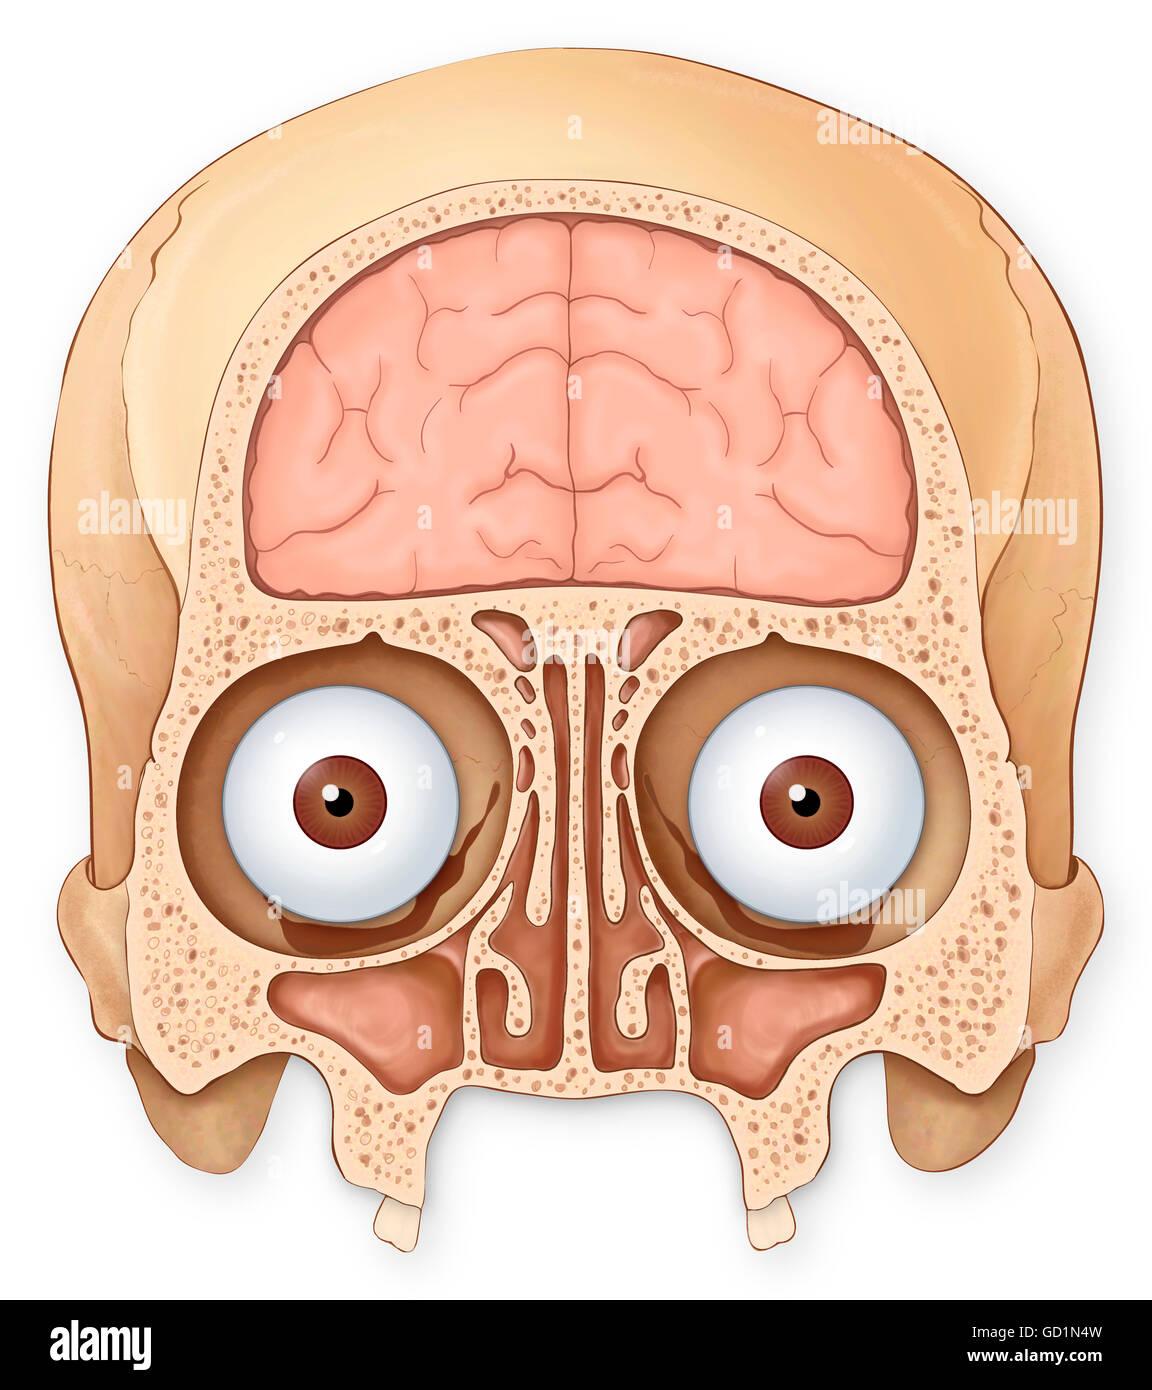 Koronale Normalschnitt von Schädel und Gehirn zeigt die koronalen ...